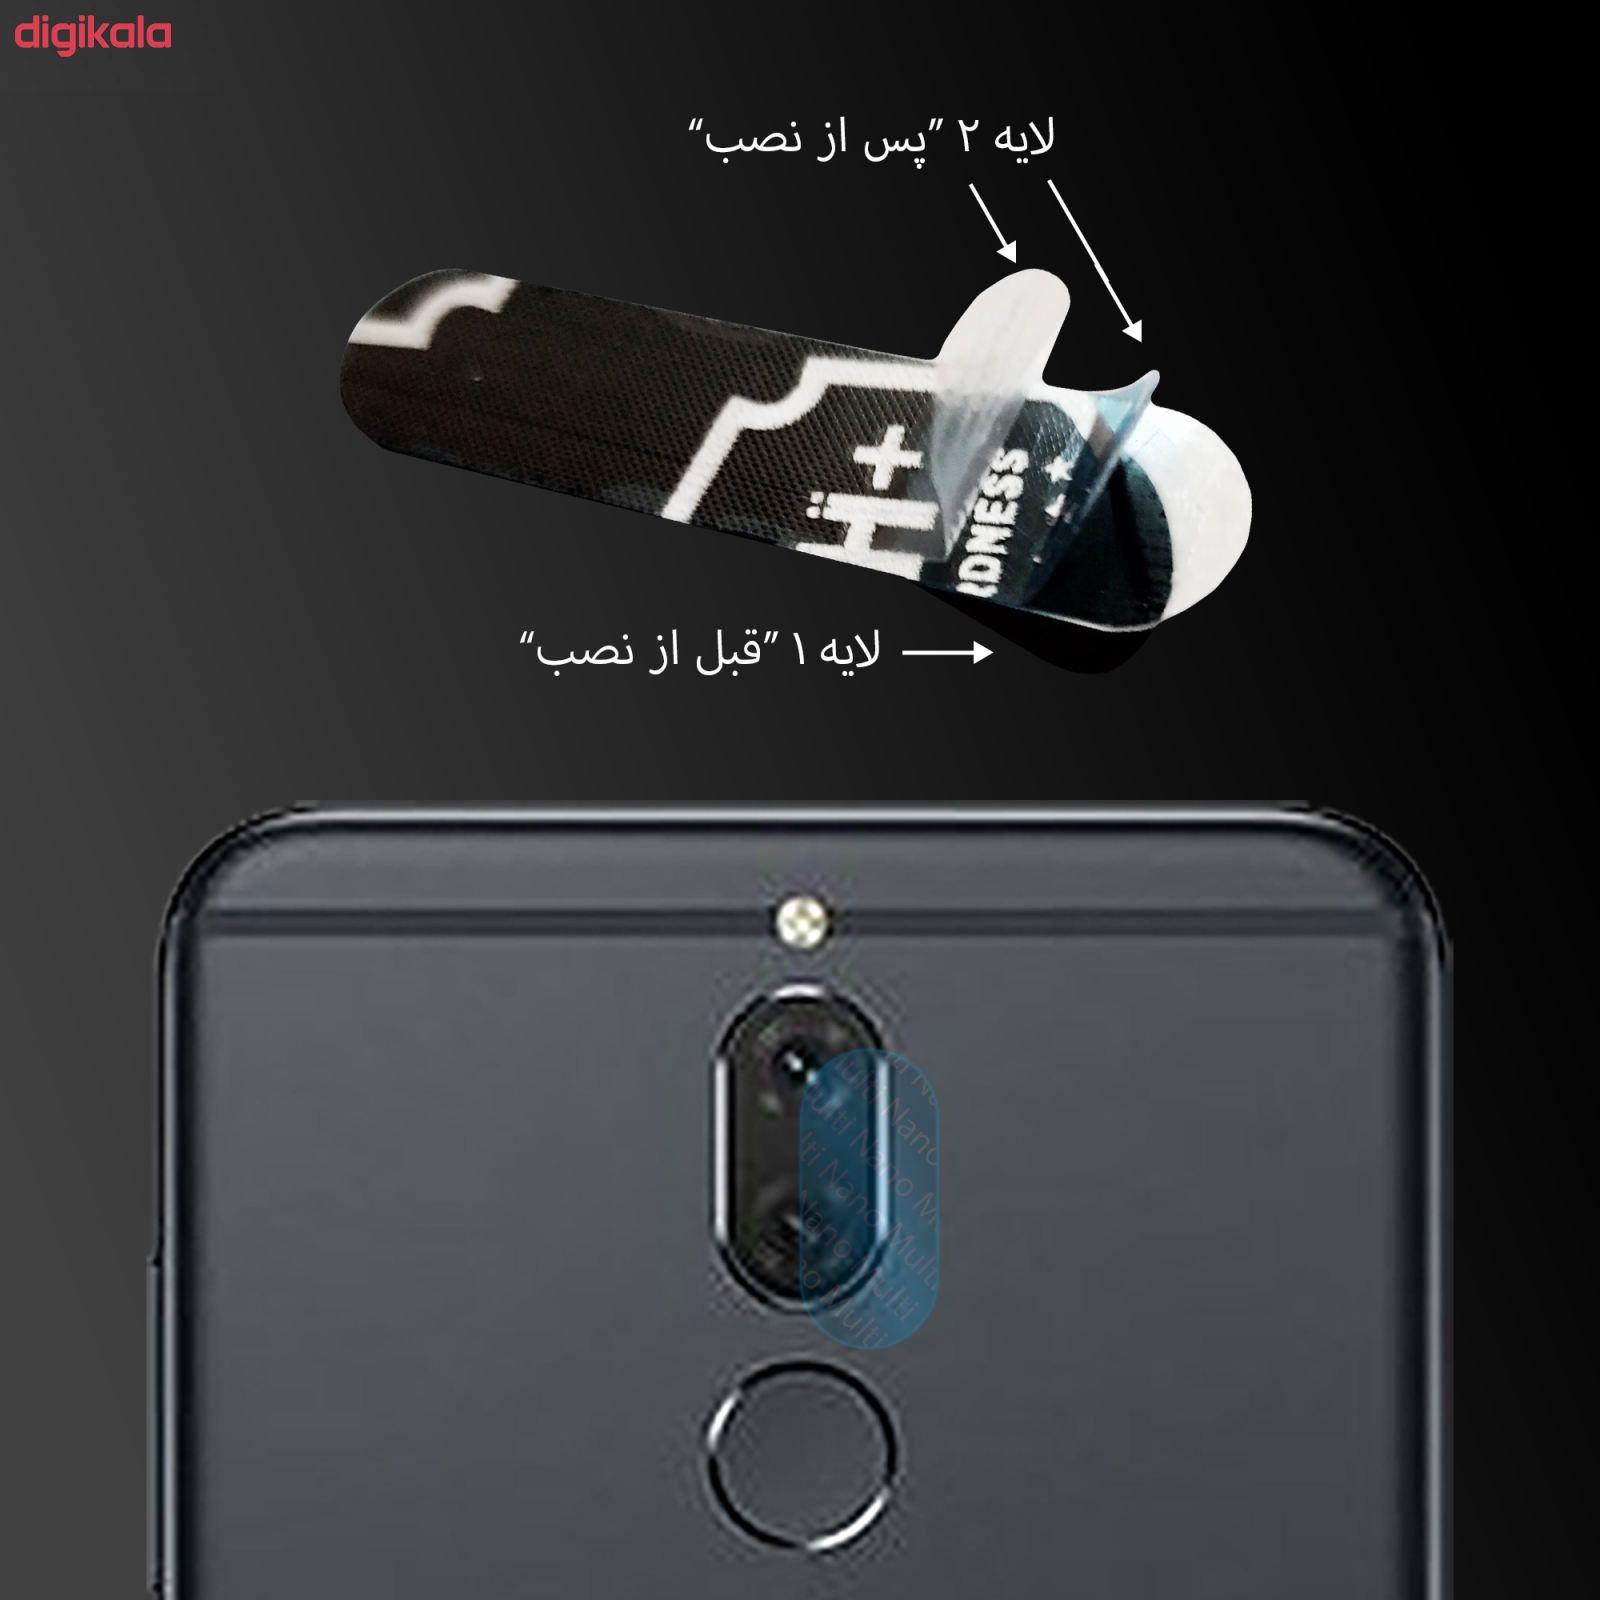 محافظ لنز دوربین مدل bt-13 مناسب برای گوشی موبایل شیائومی Redmi Note 9 main 1 1